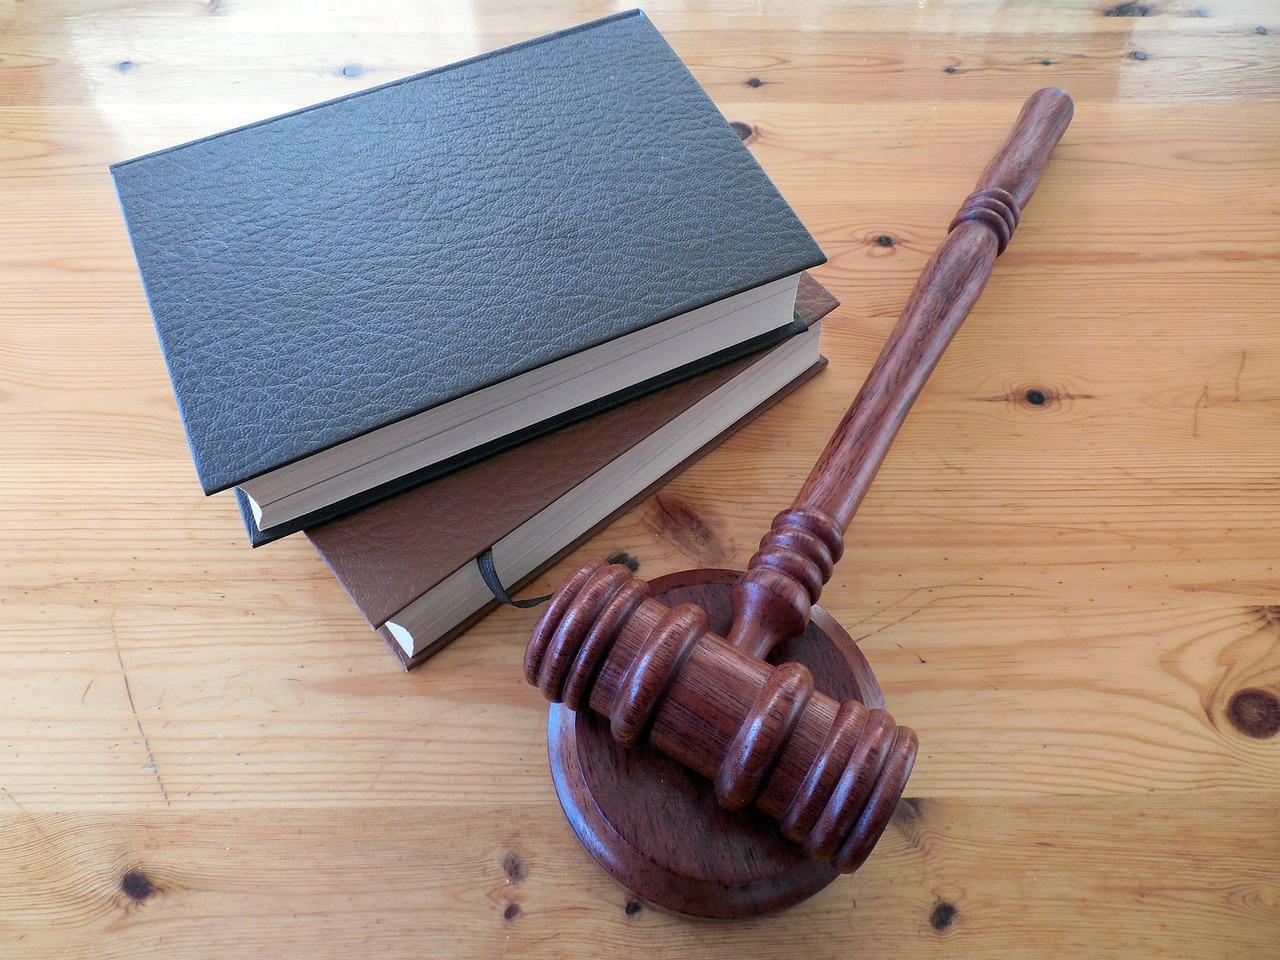 公務員試験に法学部や経済学部が有利と言われる理由